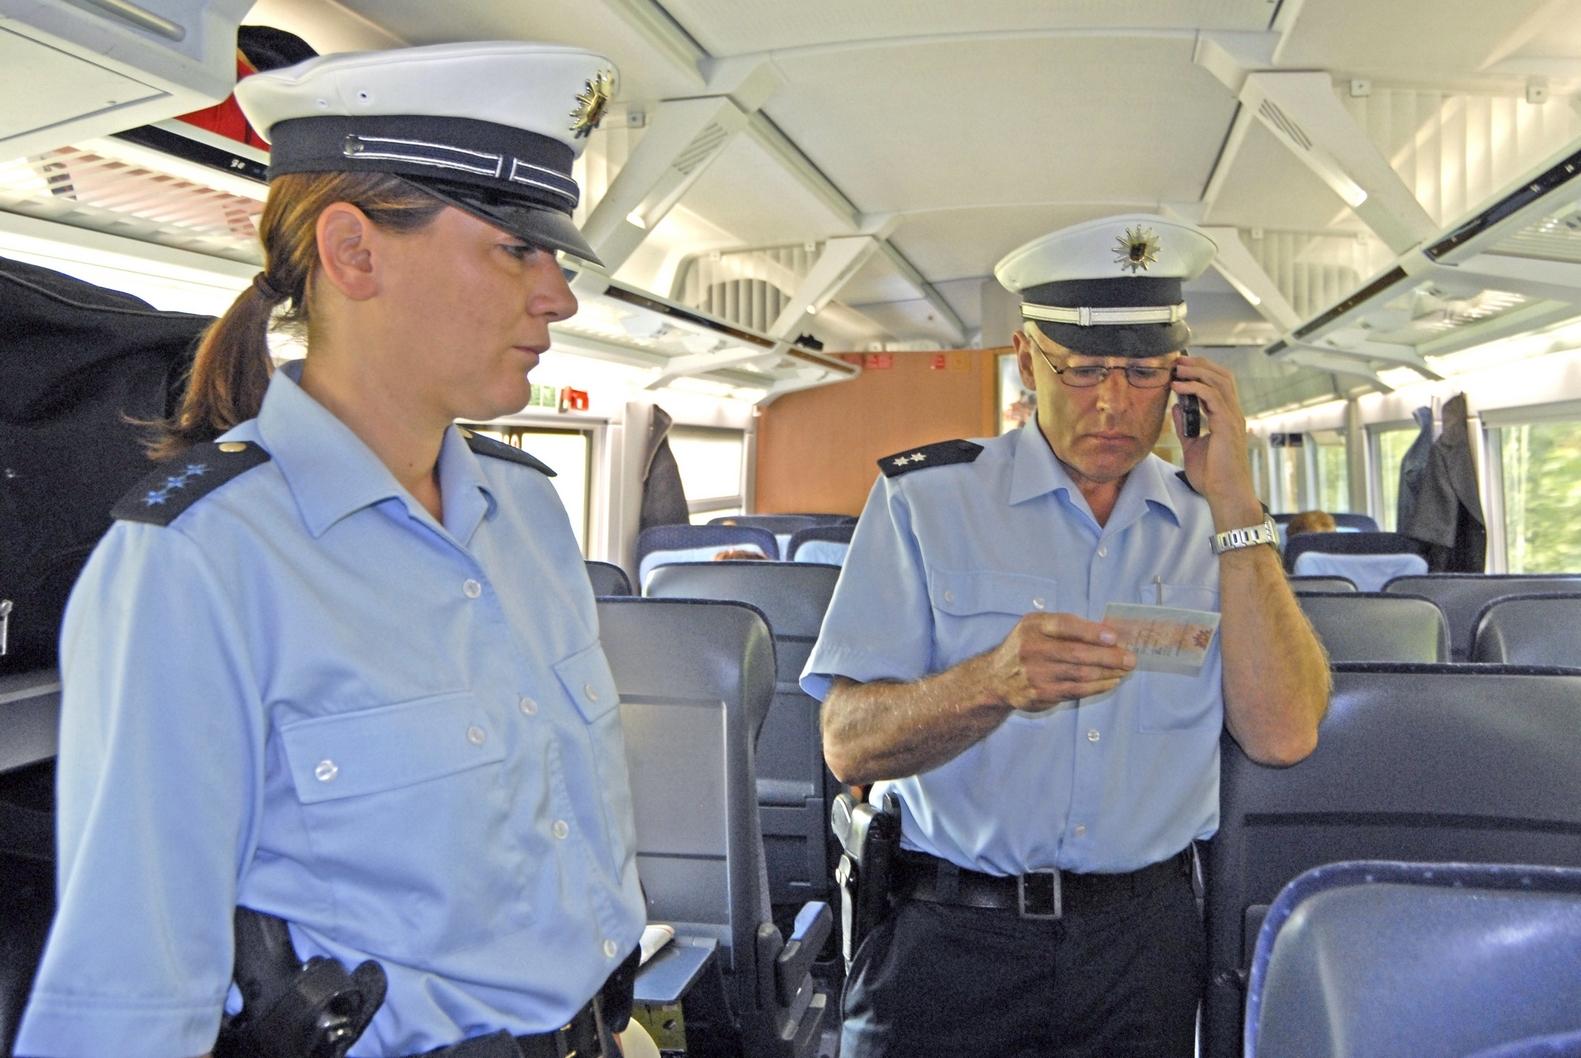 Bundespolizei Abfrage Zug